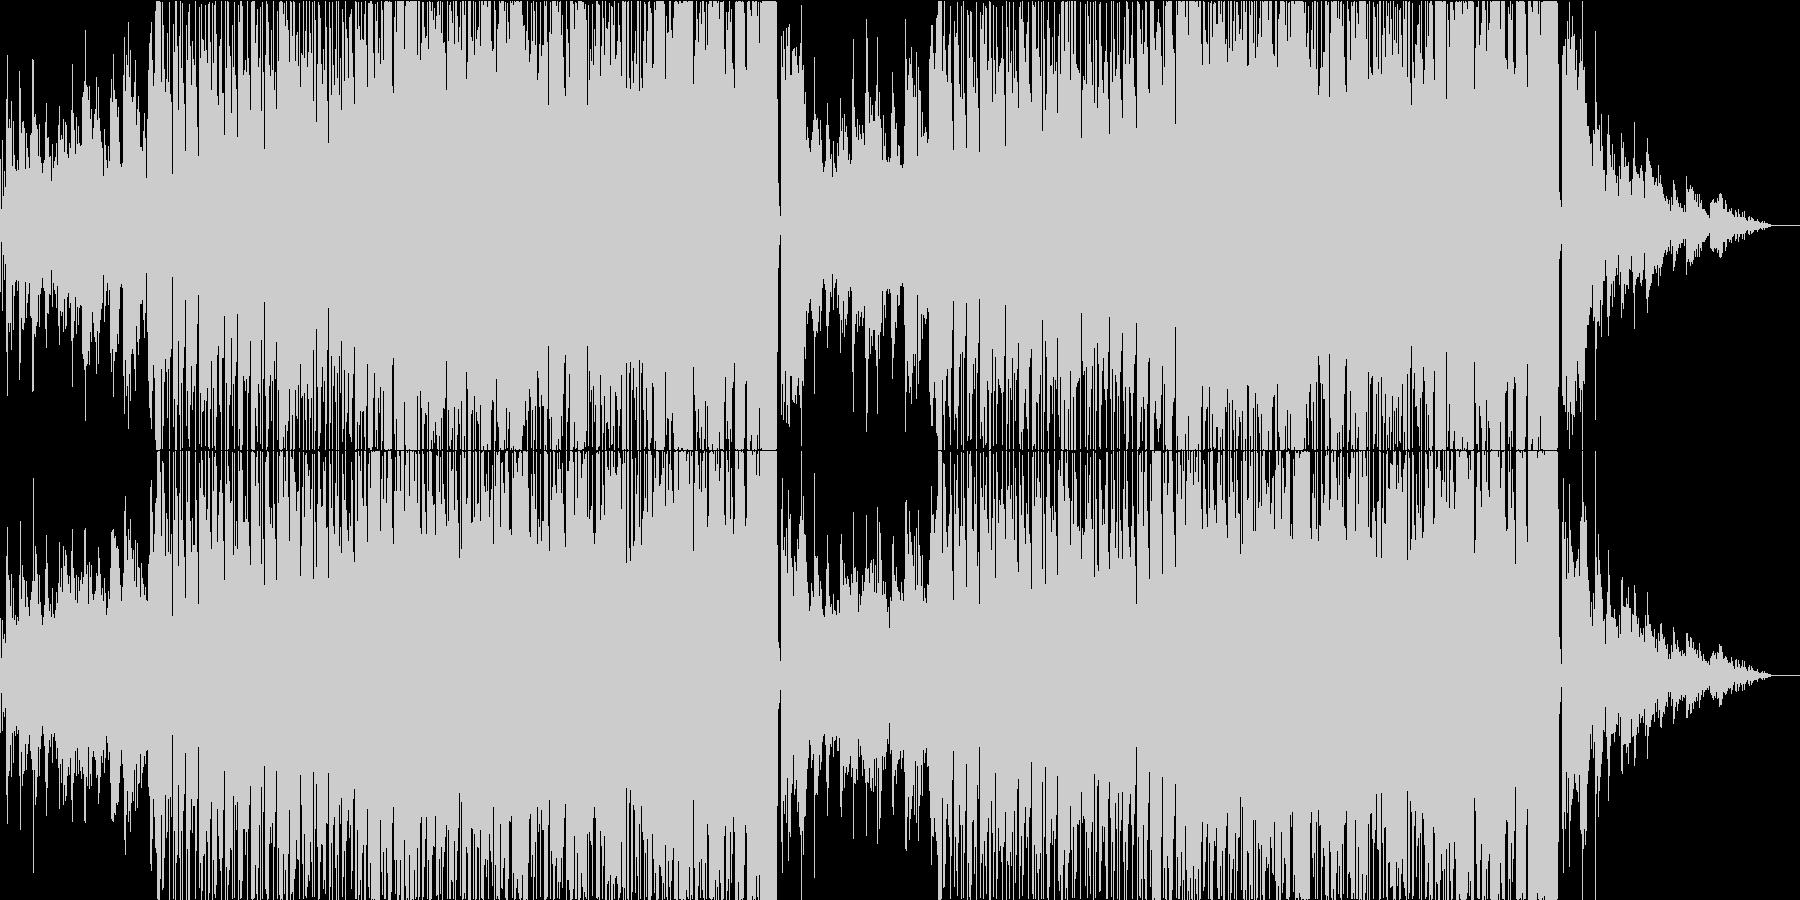 フルートとギターの穏やかなバラードの未再生の波形